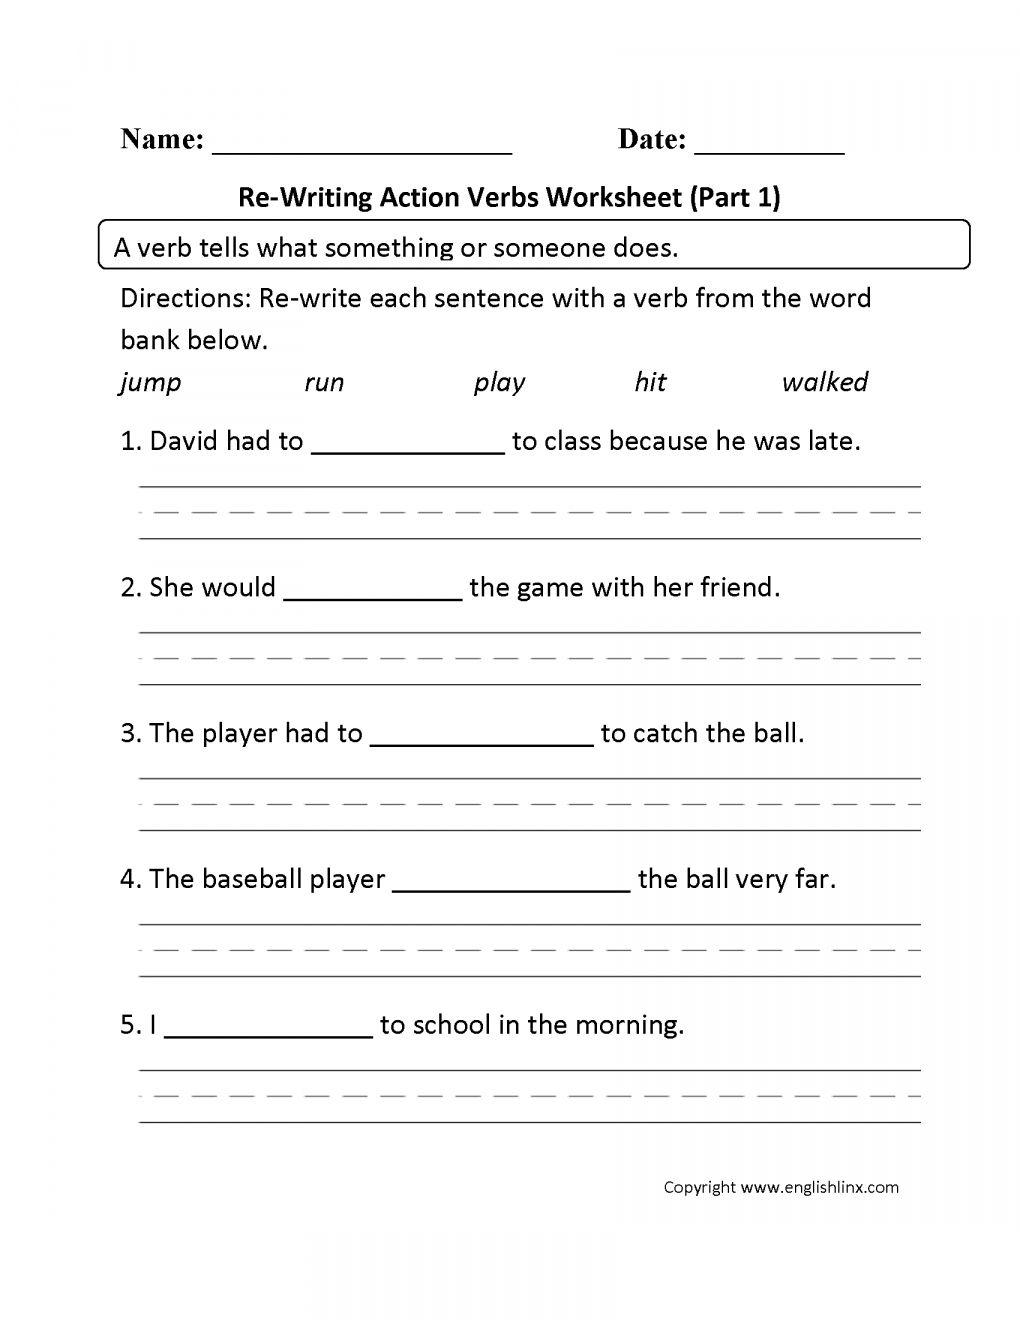 nouns and verbs worksheets grade 5